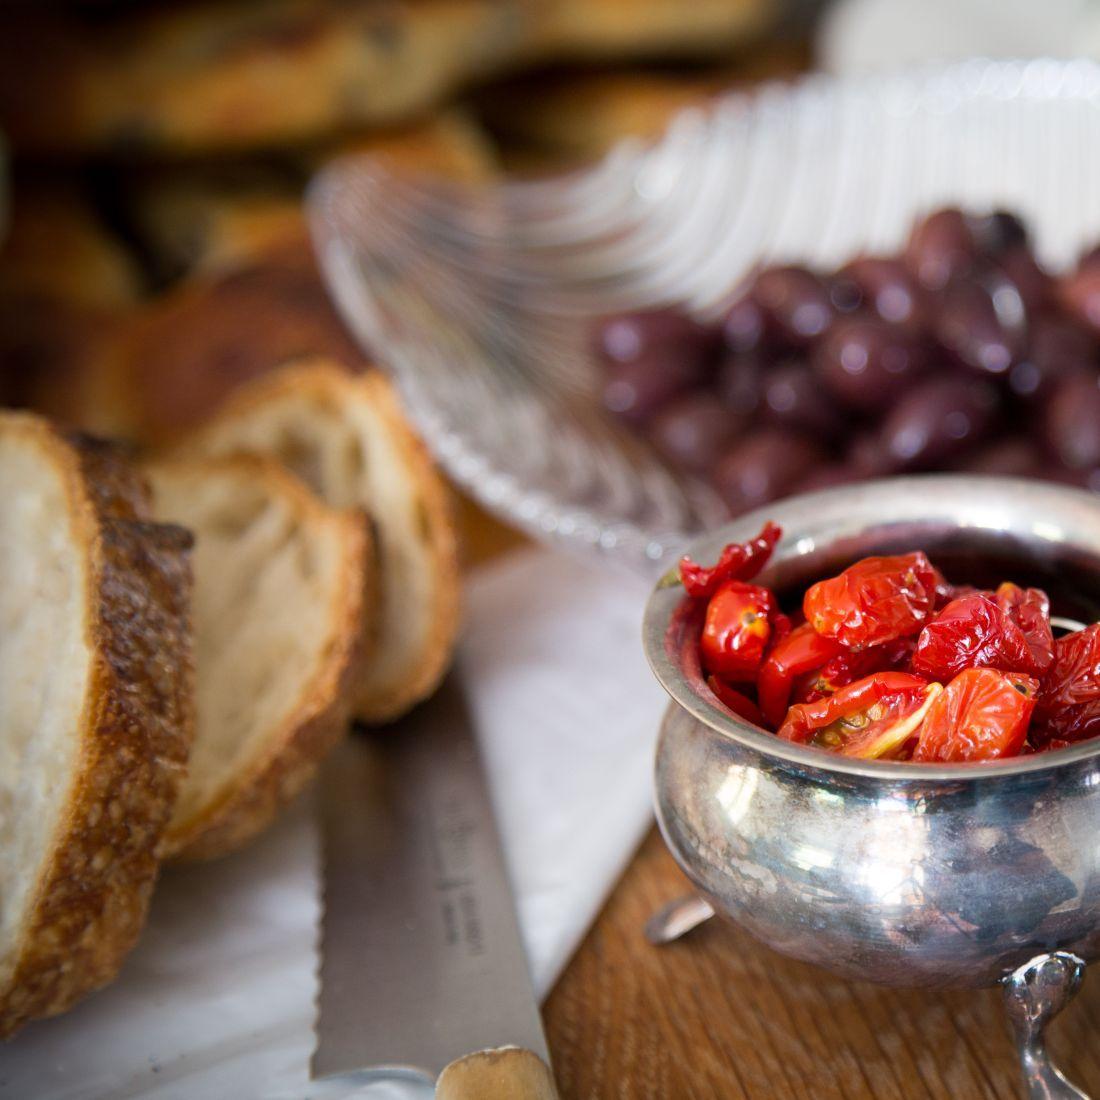 הזיתים, העגבניות המיובשות והלחם הגרמני הפרוס